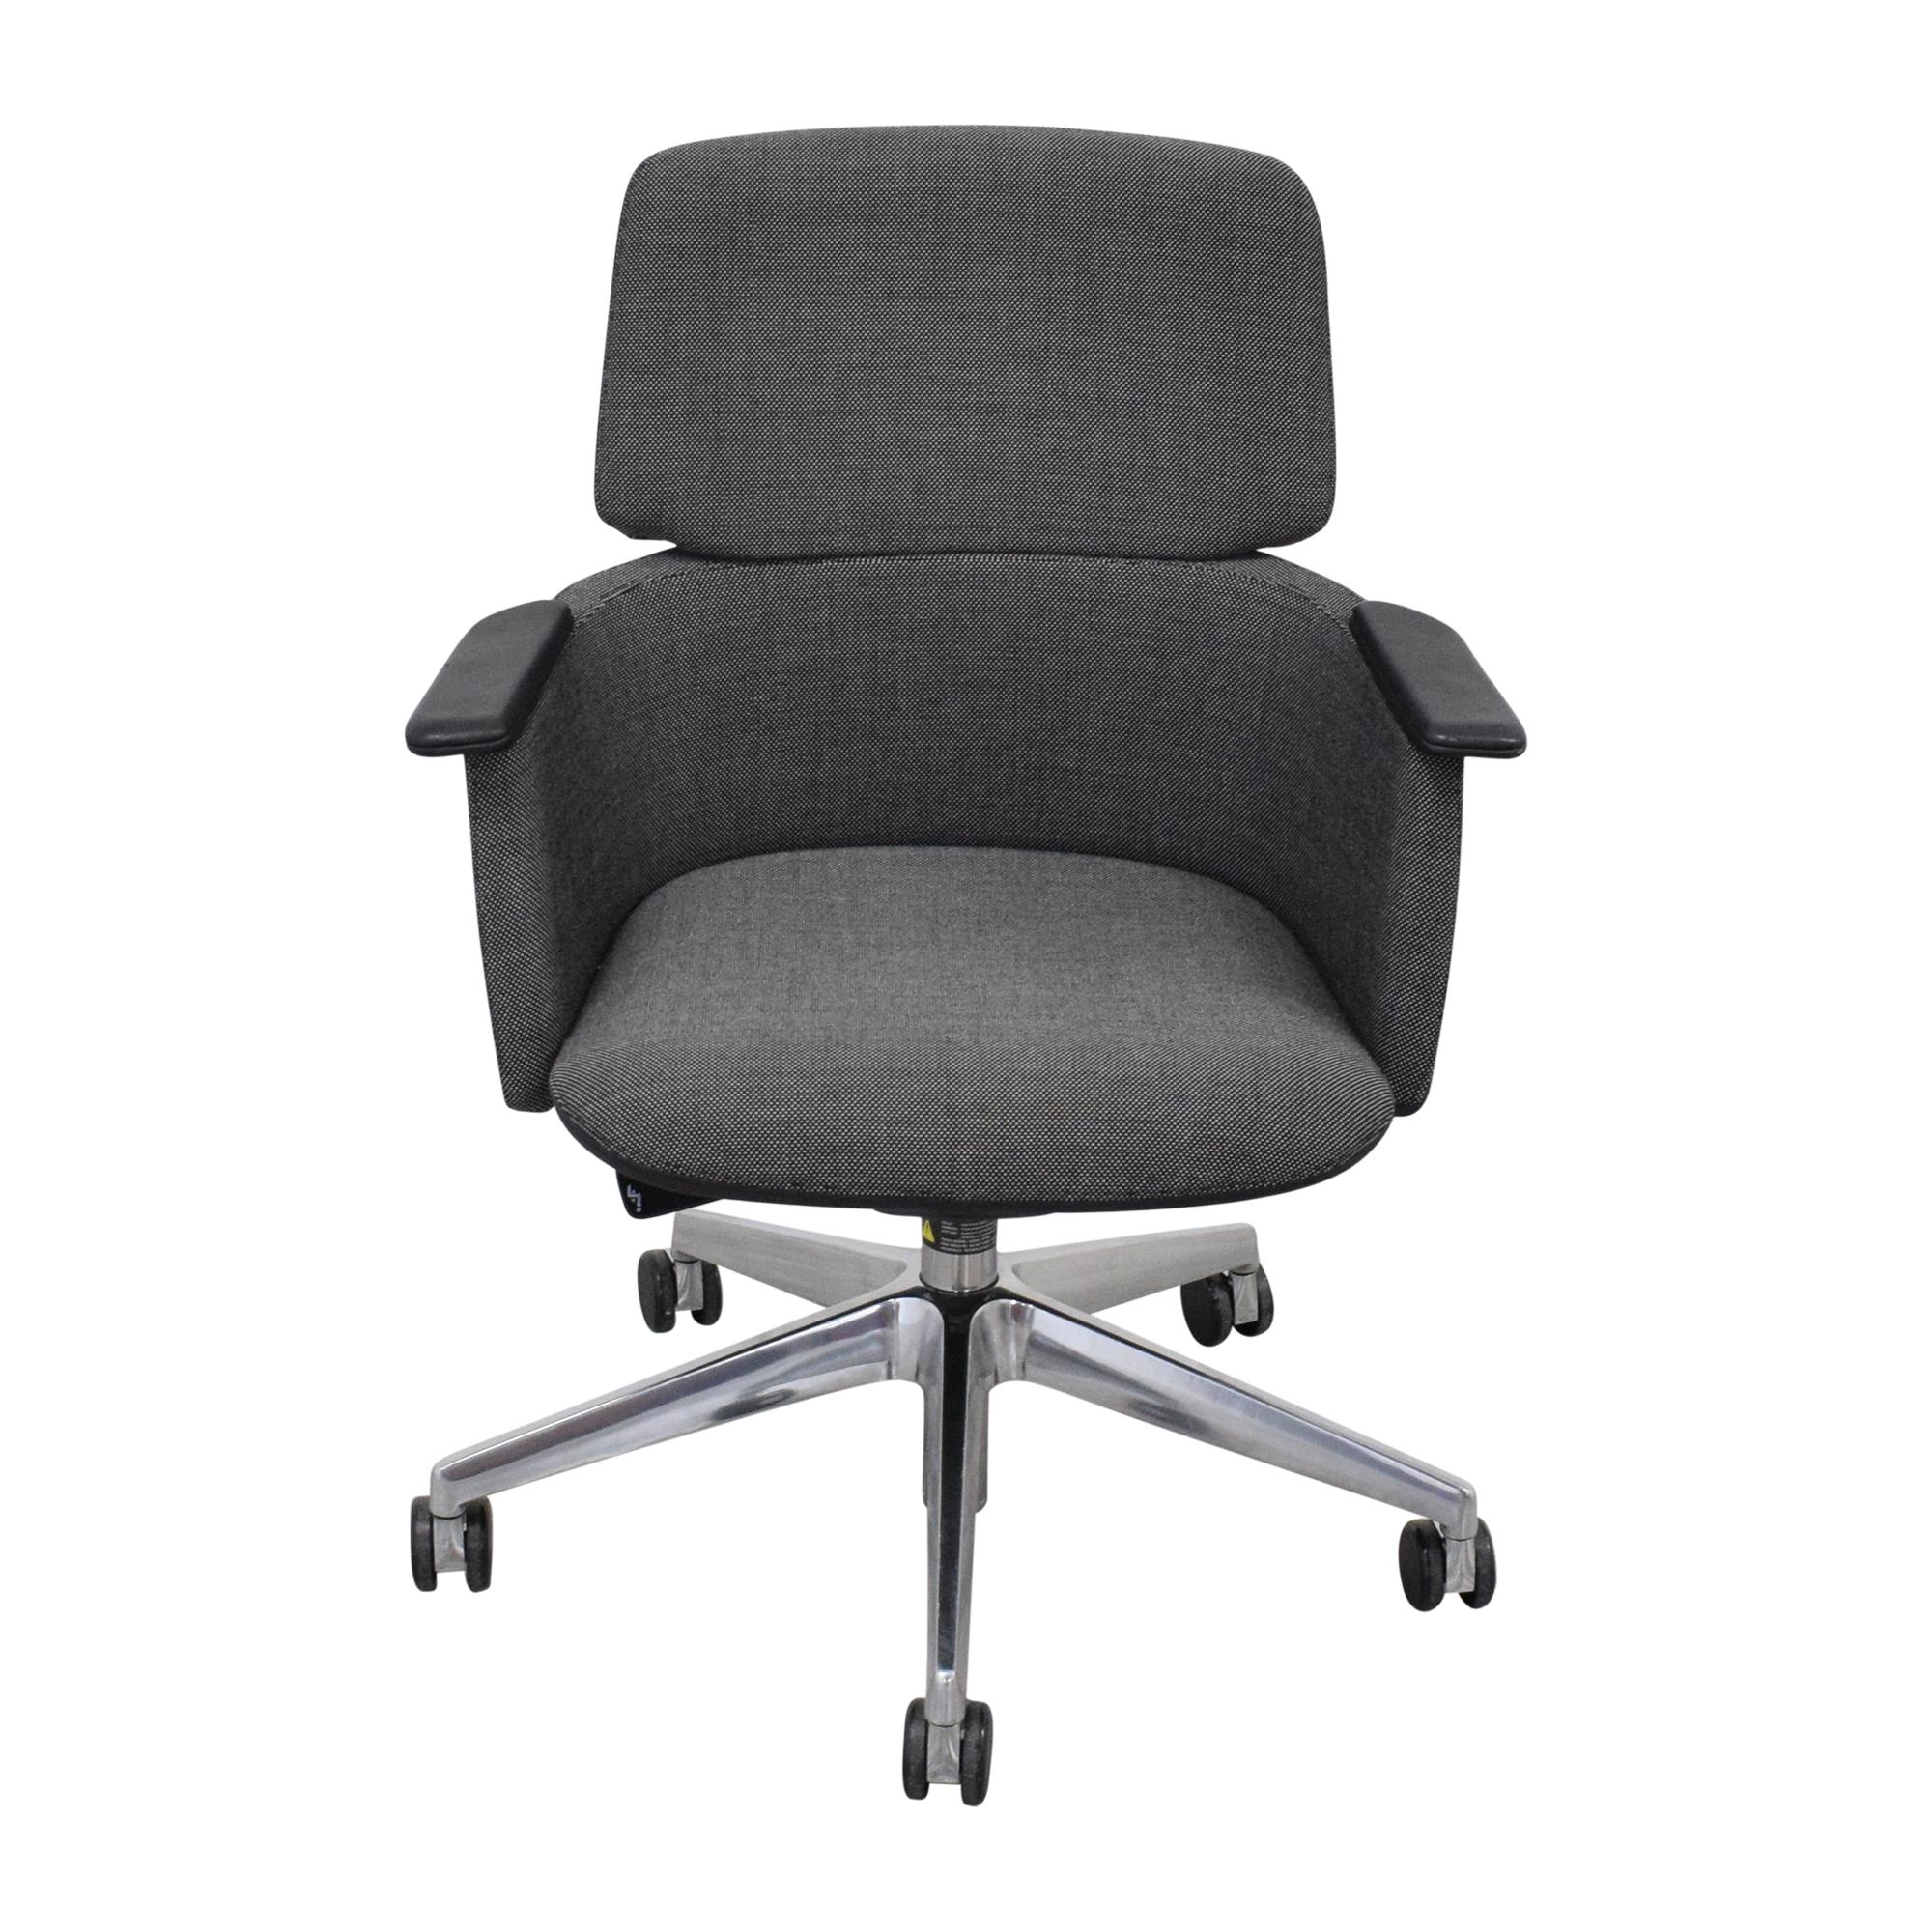 buy Koleksiyon Tola Task Chair Koleksiyon Home Office Chairs